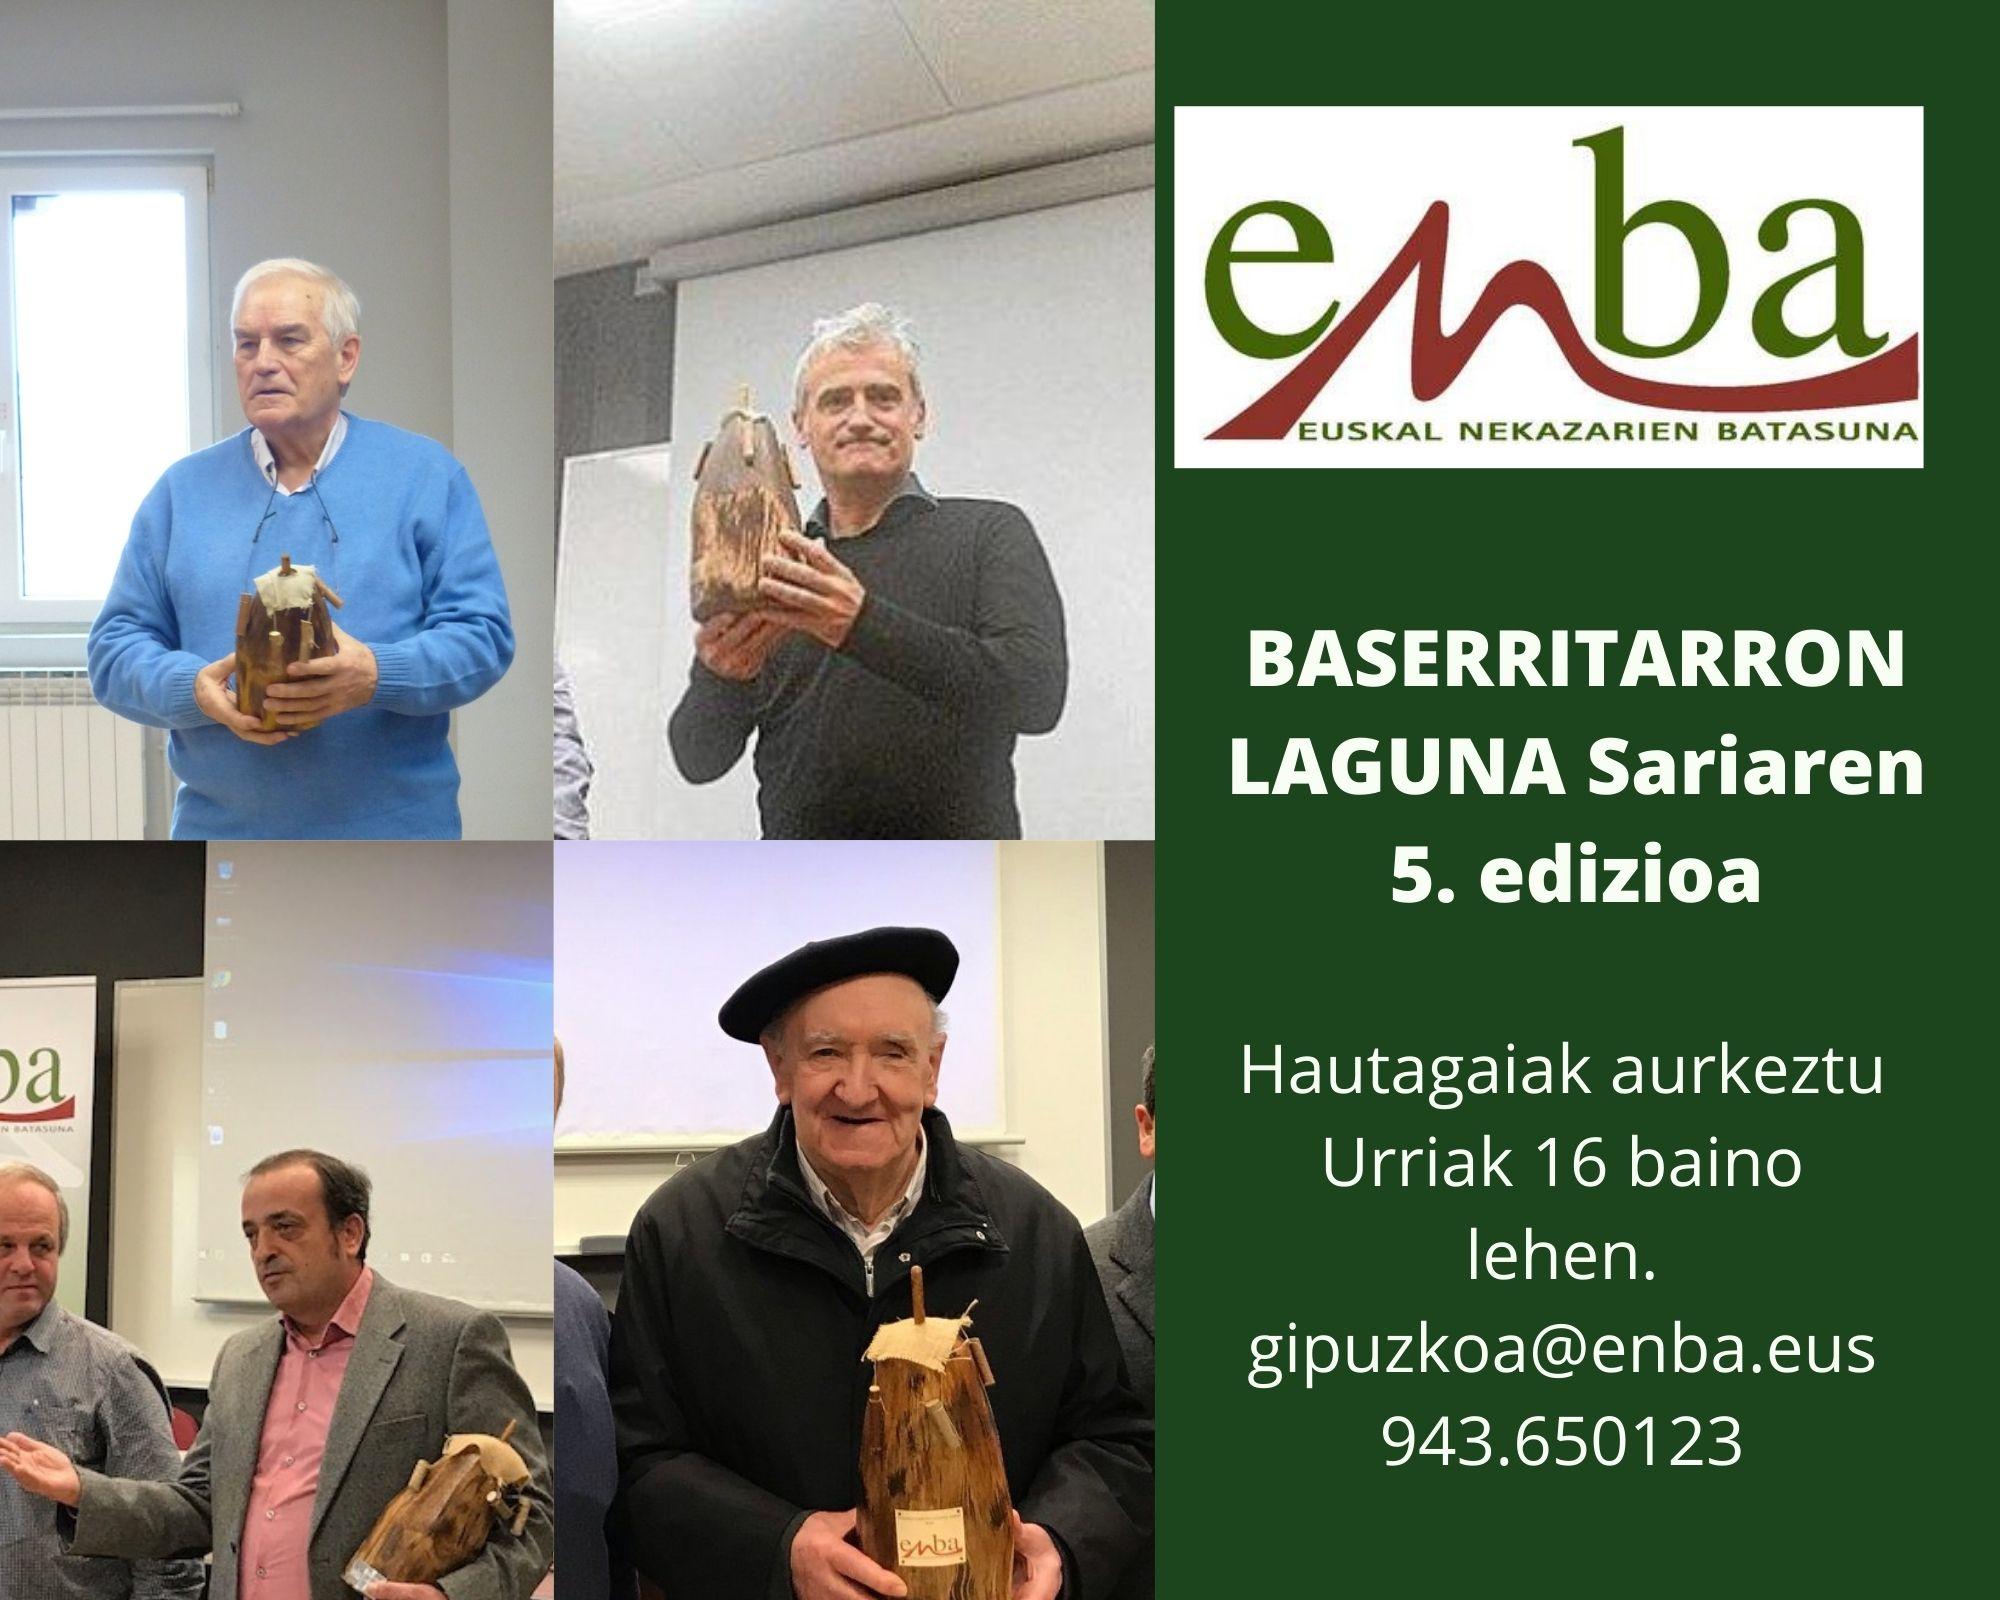 Abierto, hasta el 16 de octubre, el plazo para proponer candidatos a la 5ª edición del galardón BASERRITARRON LAGUNA